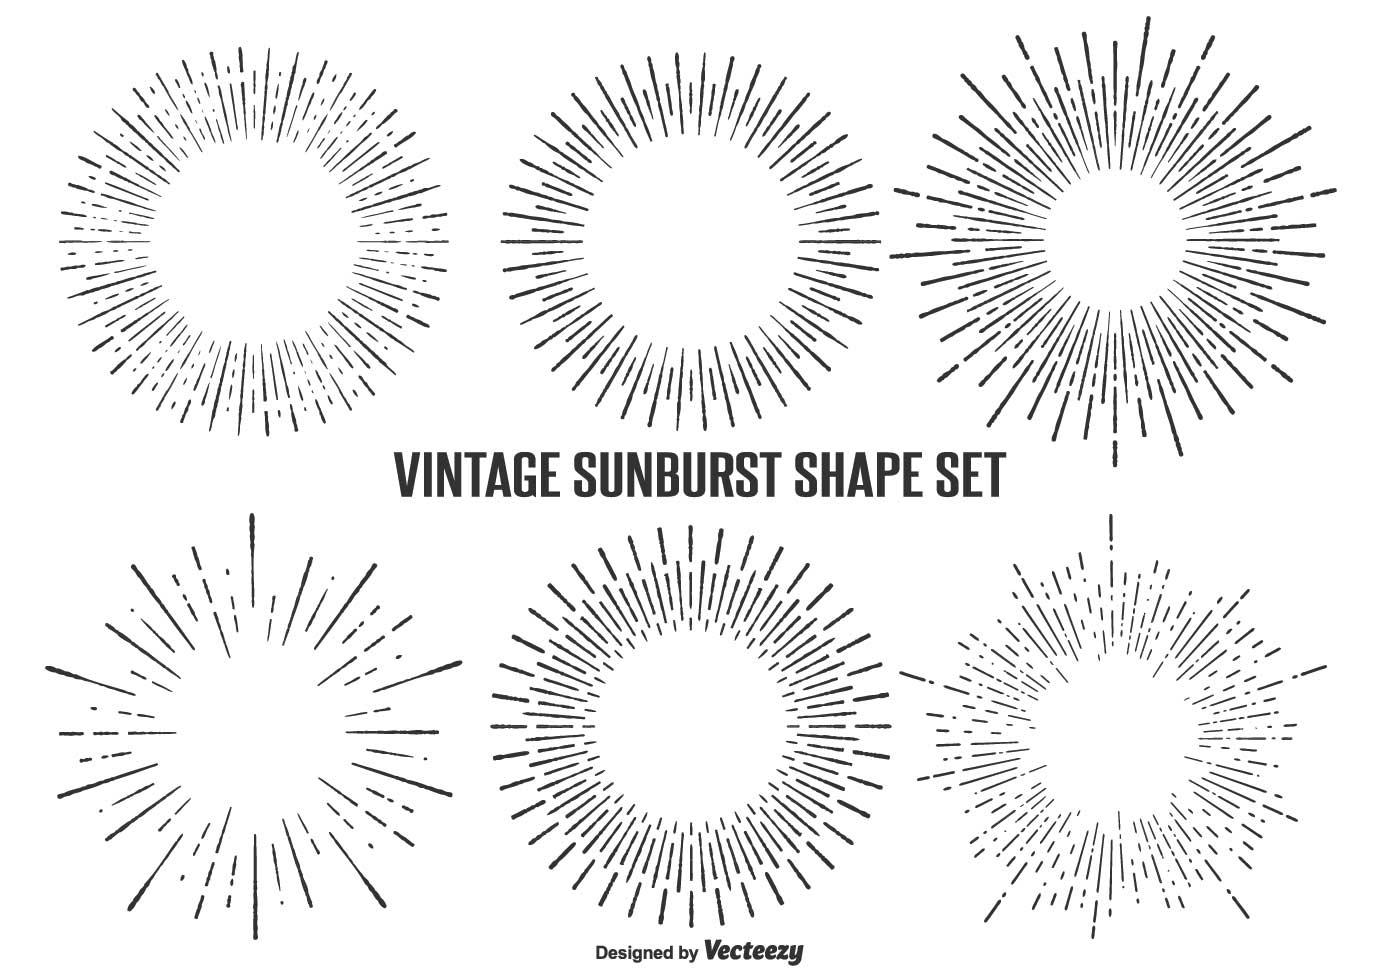 Sunburst Vintage 90